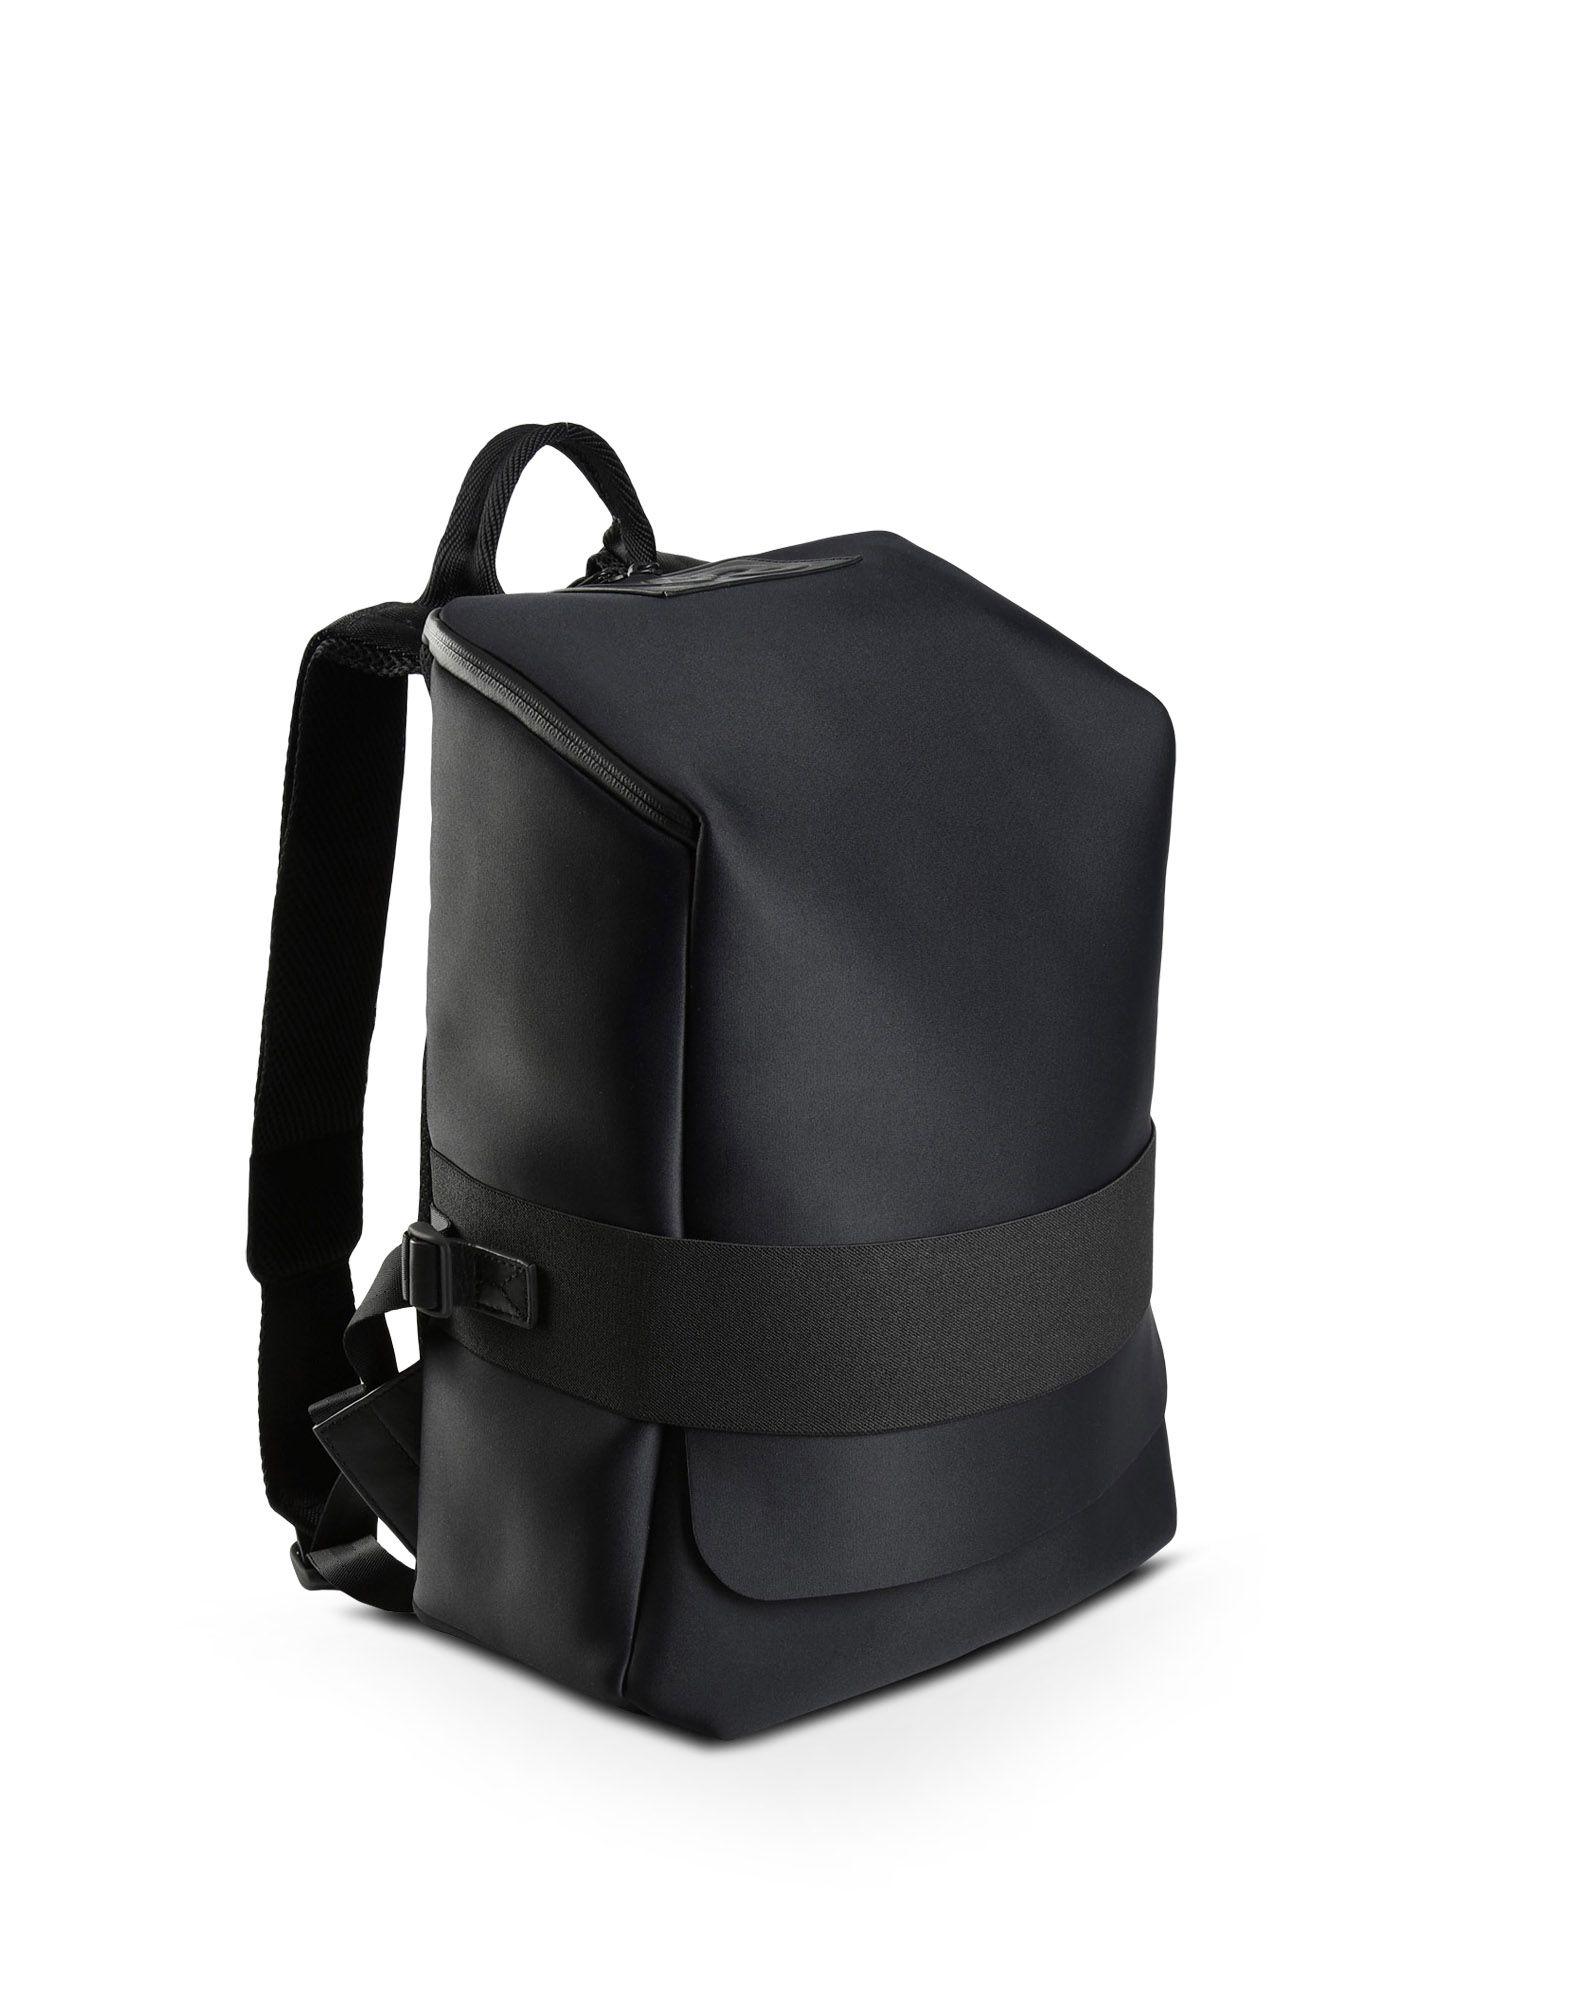 Y-3 QASA BACKPACK SMALL BAGS unisex Y-3 adidas